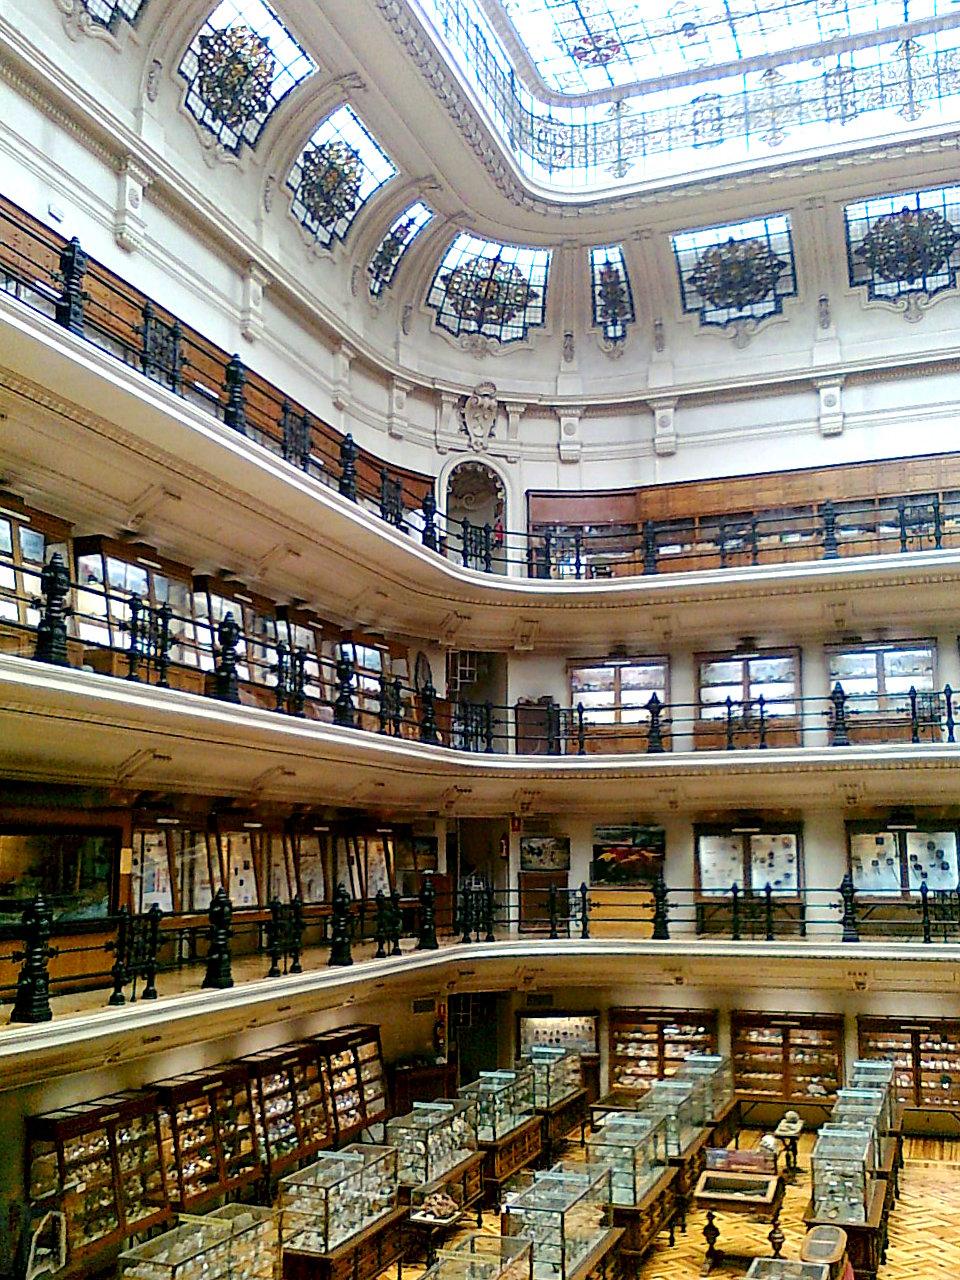 Museo geominero madrid wikipedia la enciclopedia libre for Direccion madrid espana